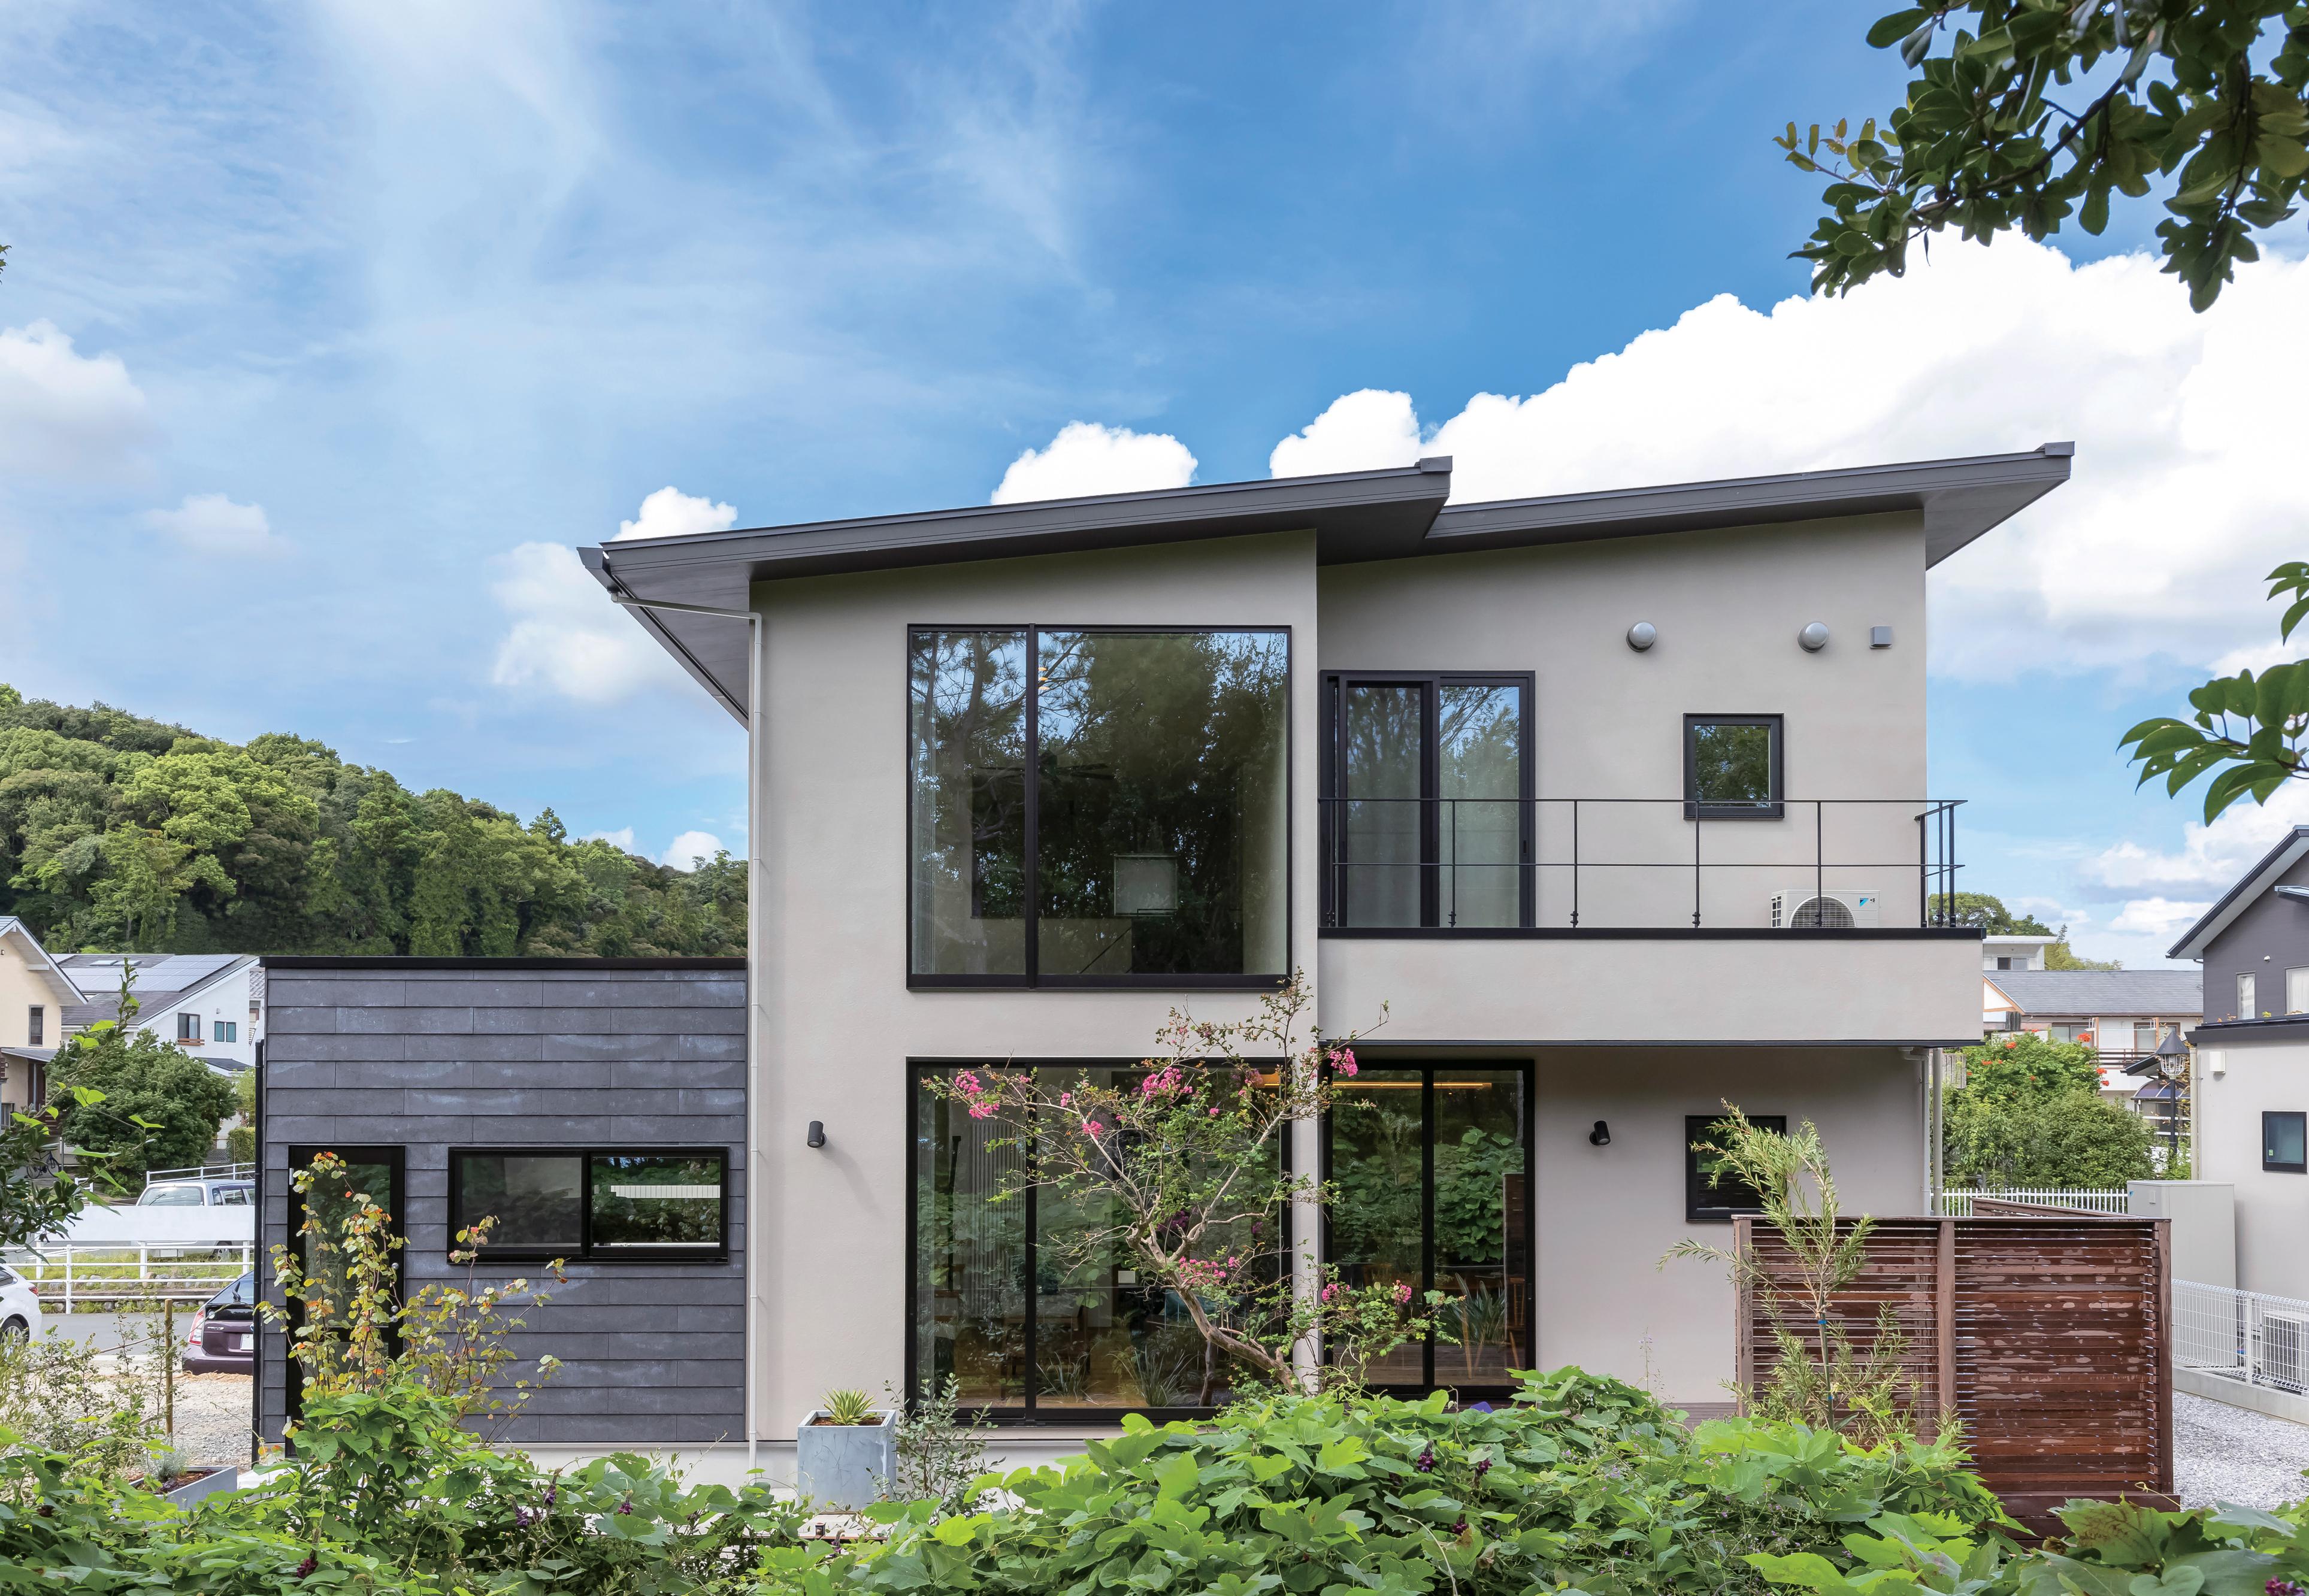 ココハウス【浜松市中区富塚町5212-7・モデルハウス】グレーの外壁に佐鳴湖畔の緑が映えるシンプルな外観。大きな窓から取り込む日の光により、室内はいつでも明るい。鉄黒色の壁がアクセント